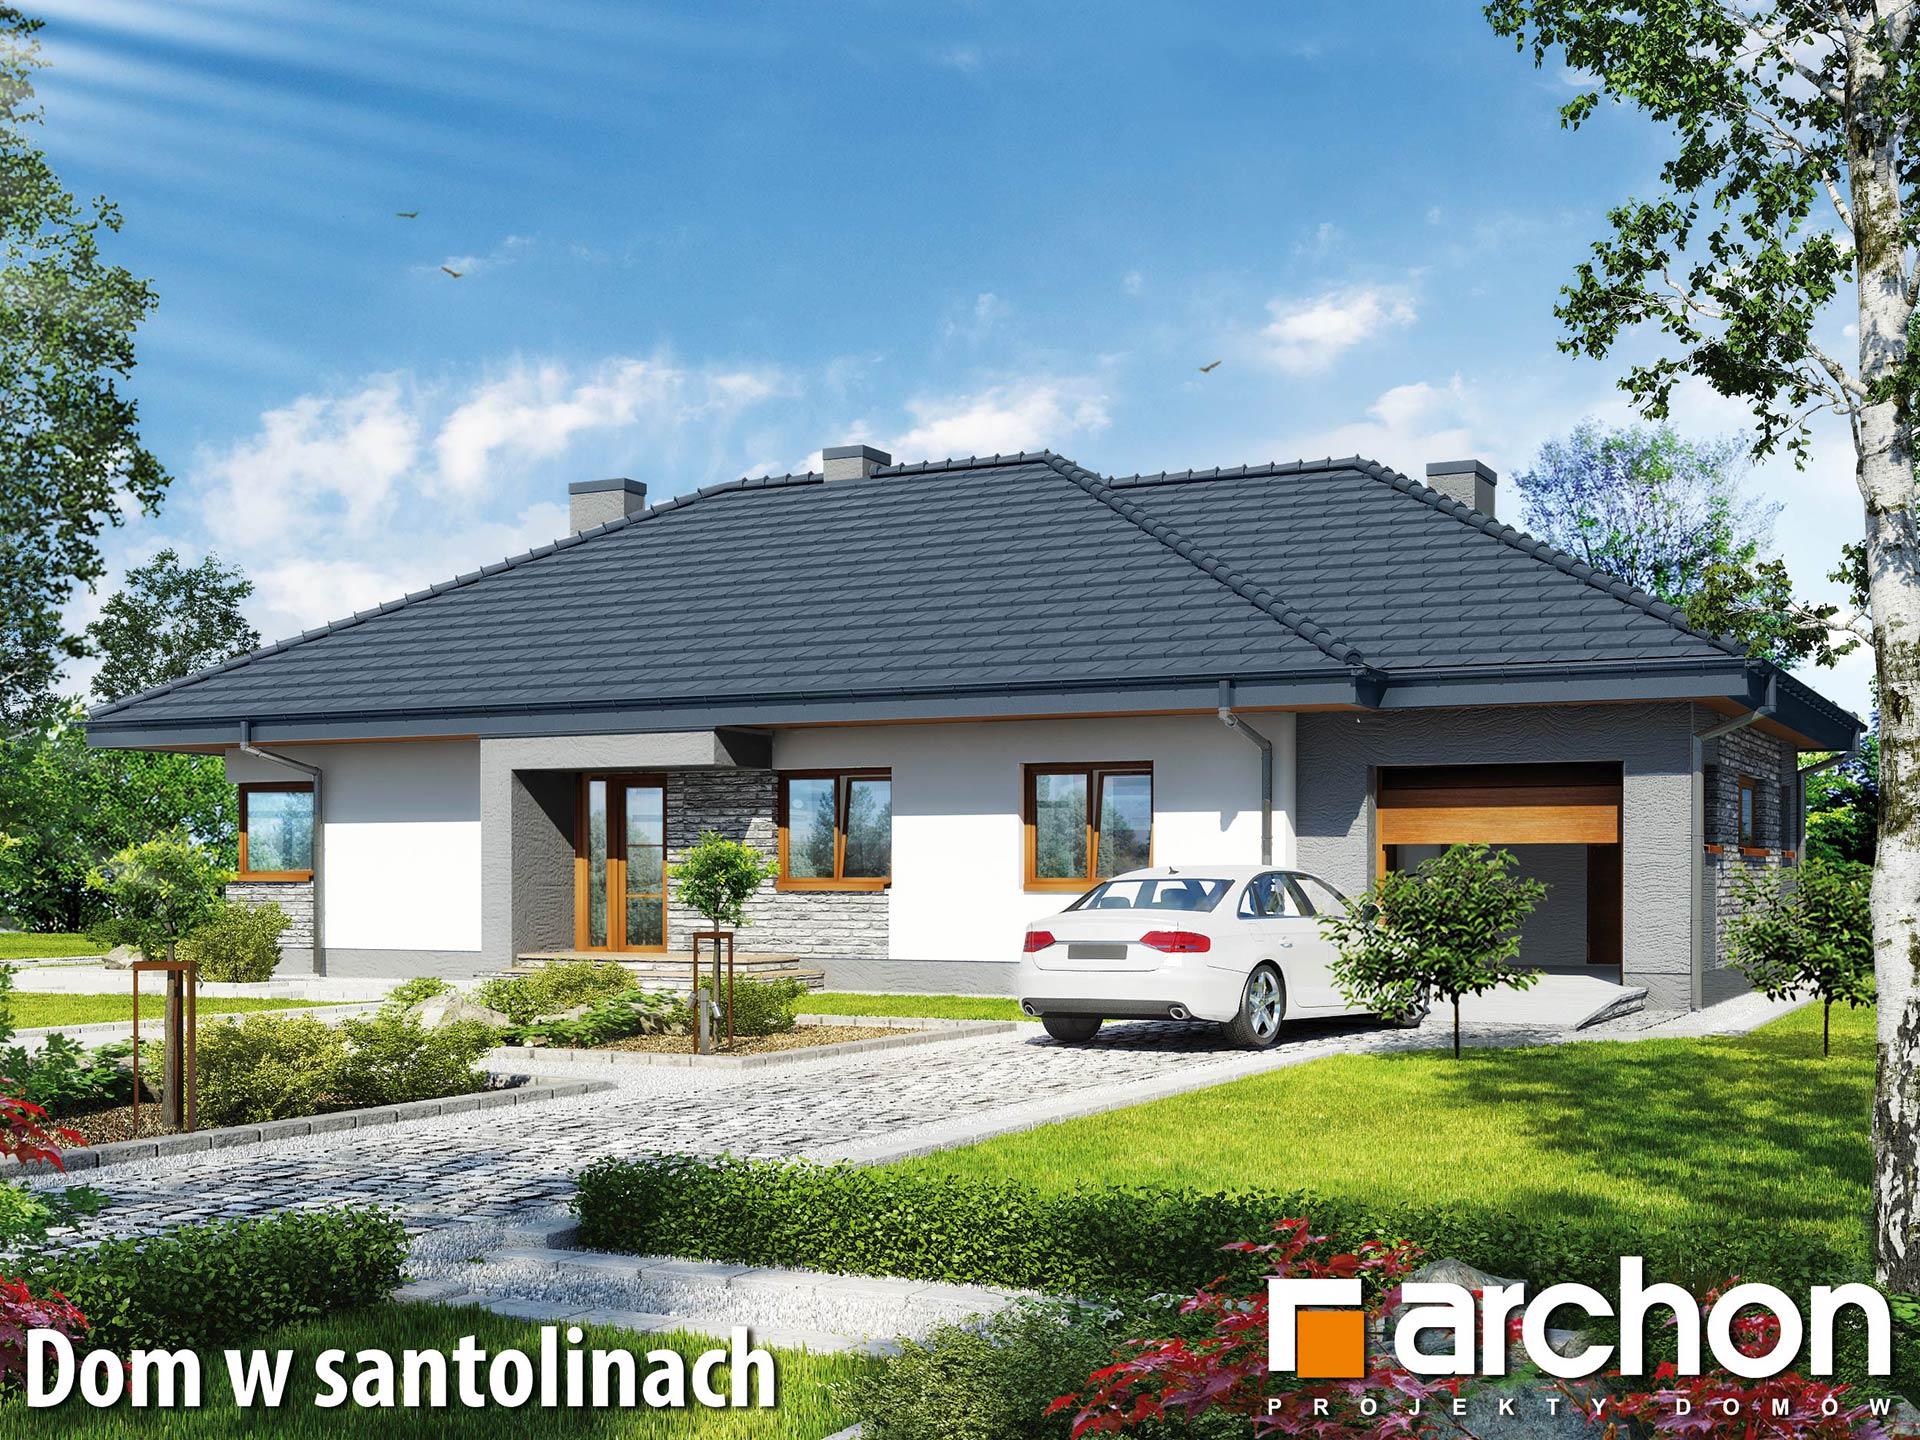 Inwestycja na Rudzie Bugaj - wizualizacja pod projekt Domu w santolinach firmy Archon